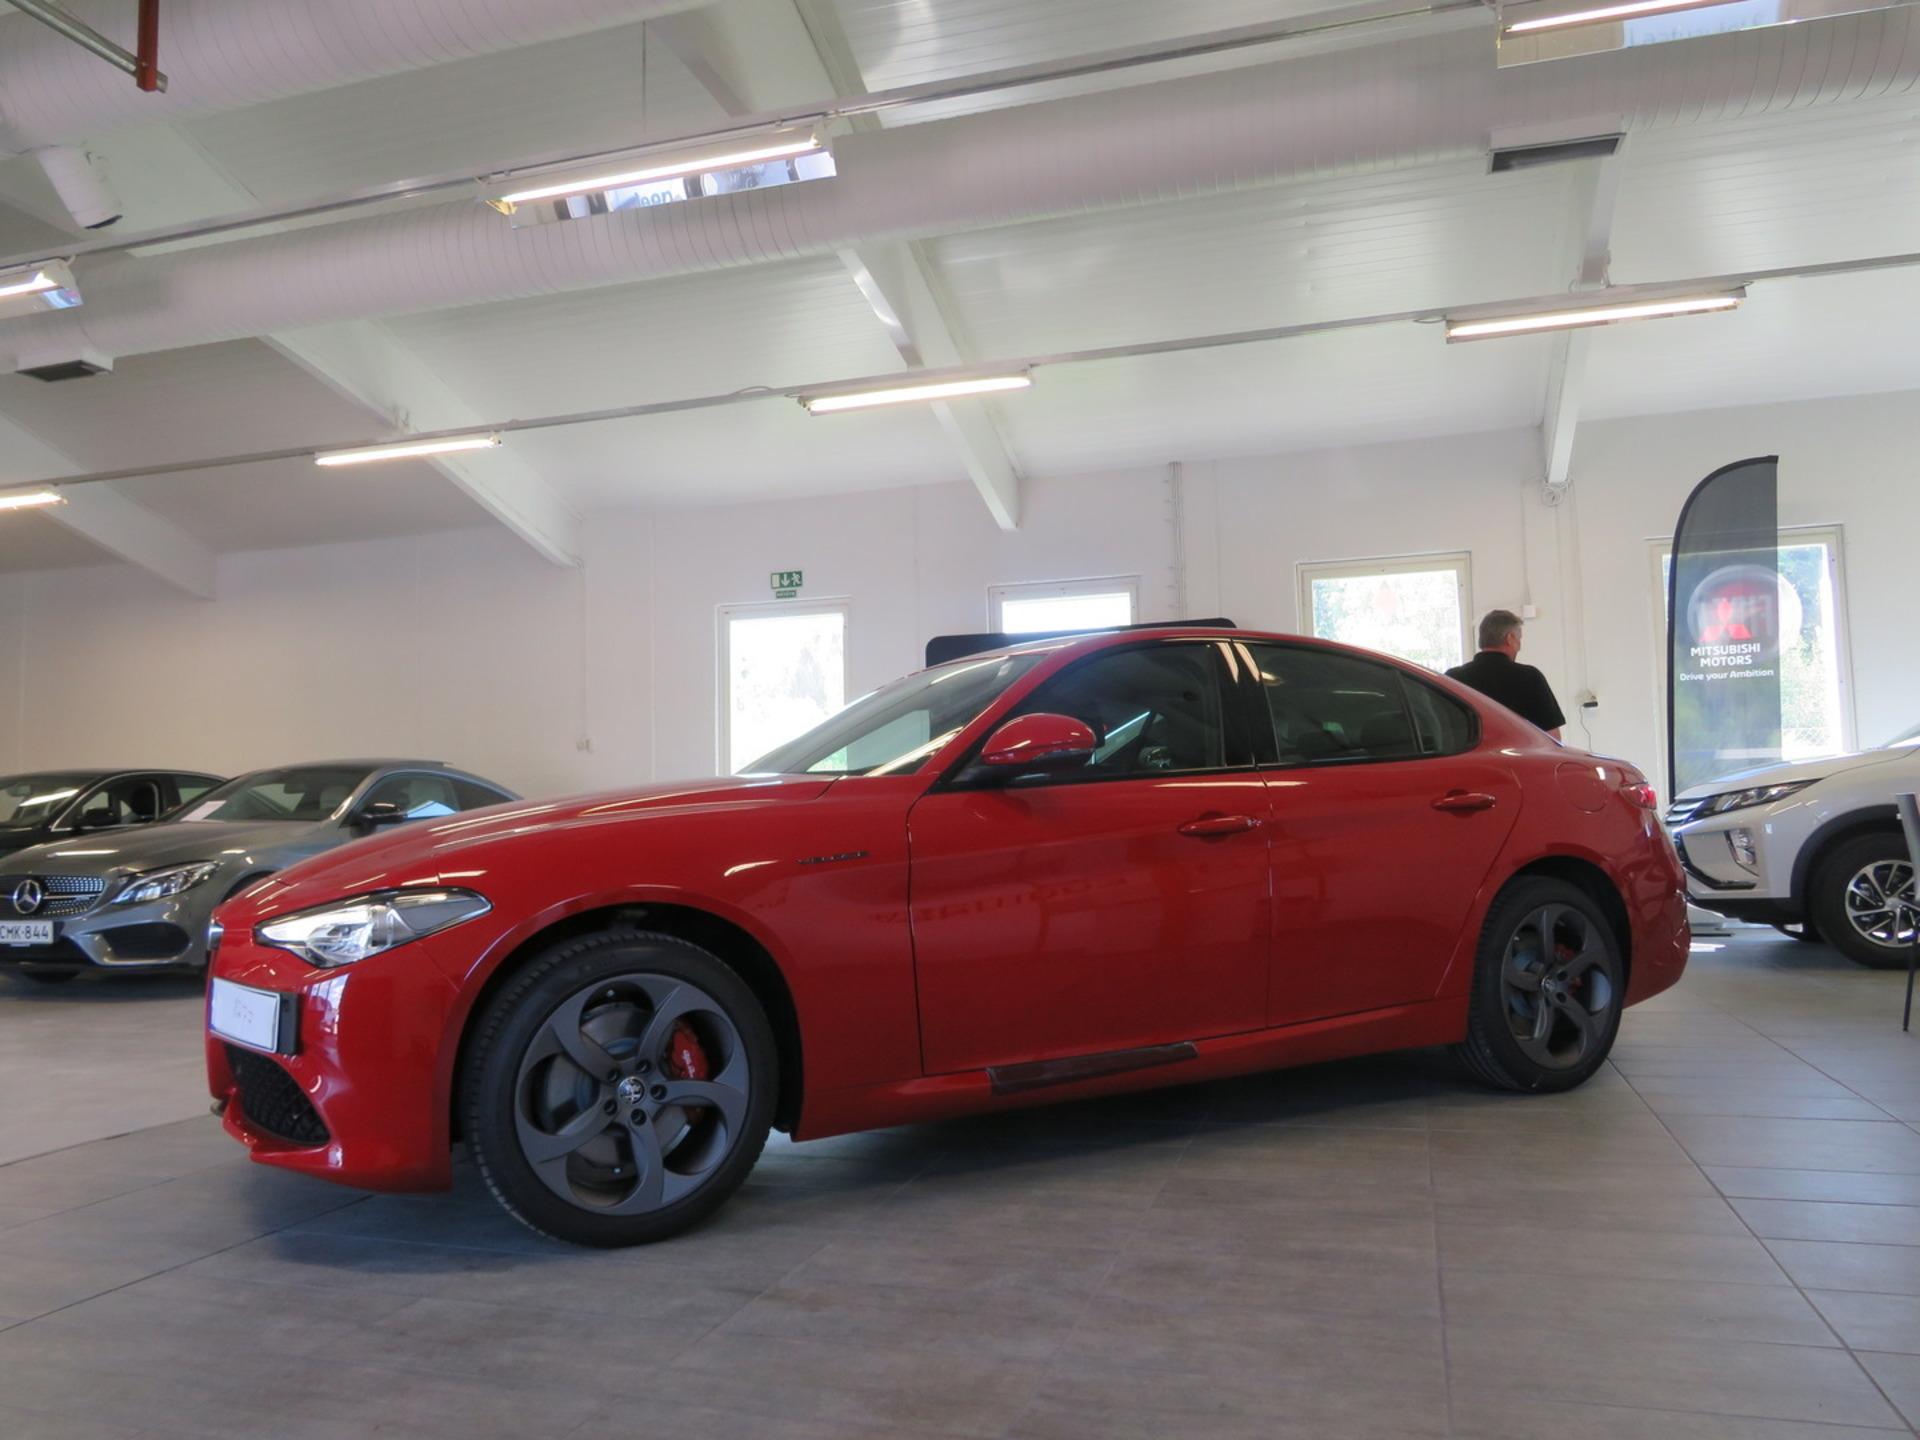 ALFA ROMEO GIULIA 2, 0 Bensiini 280hp AWD 8AT Veloce_ - Uusi ajamaton auto nopeaan toimitukseen! Kysy tarjous! Edullinen rahoitus!